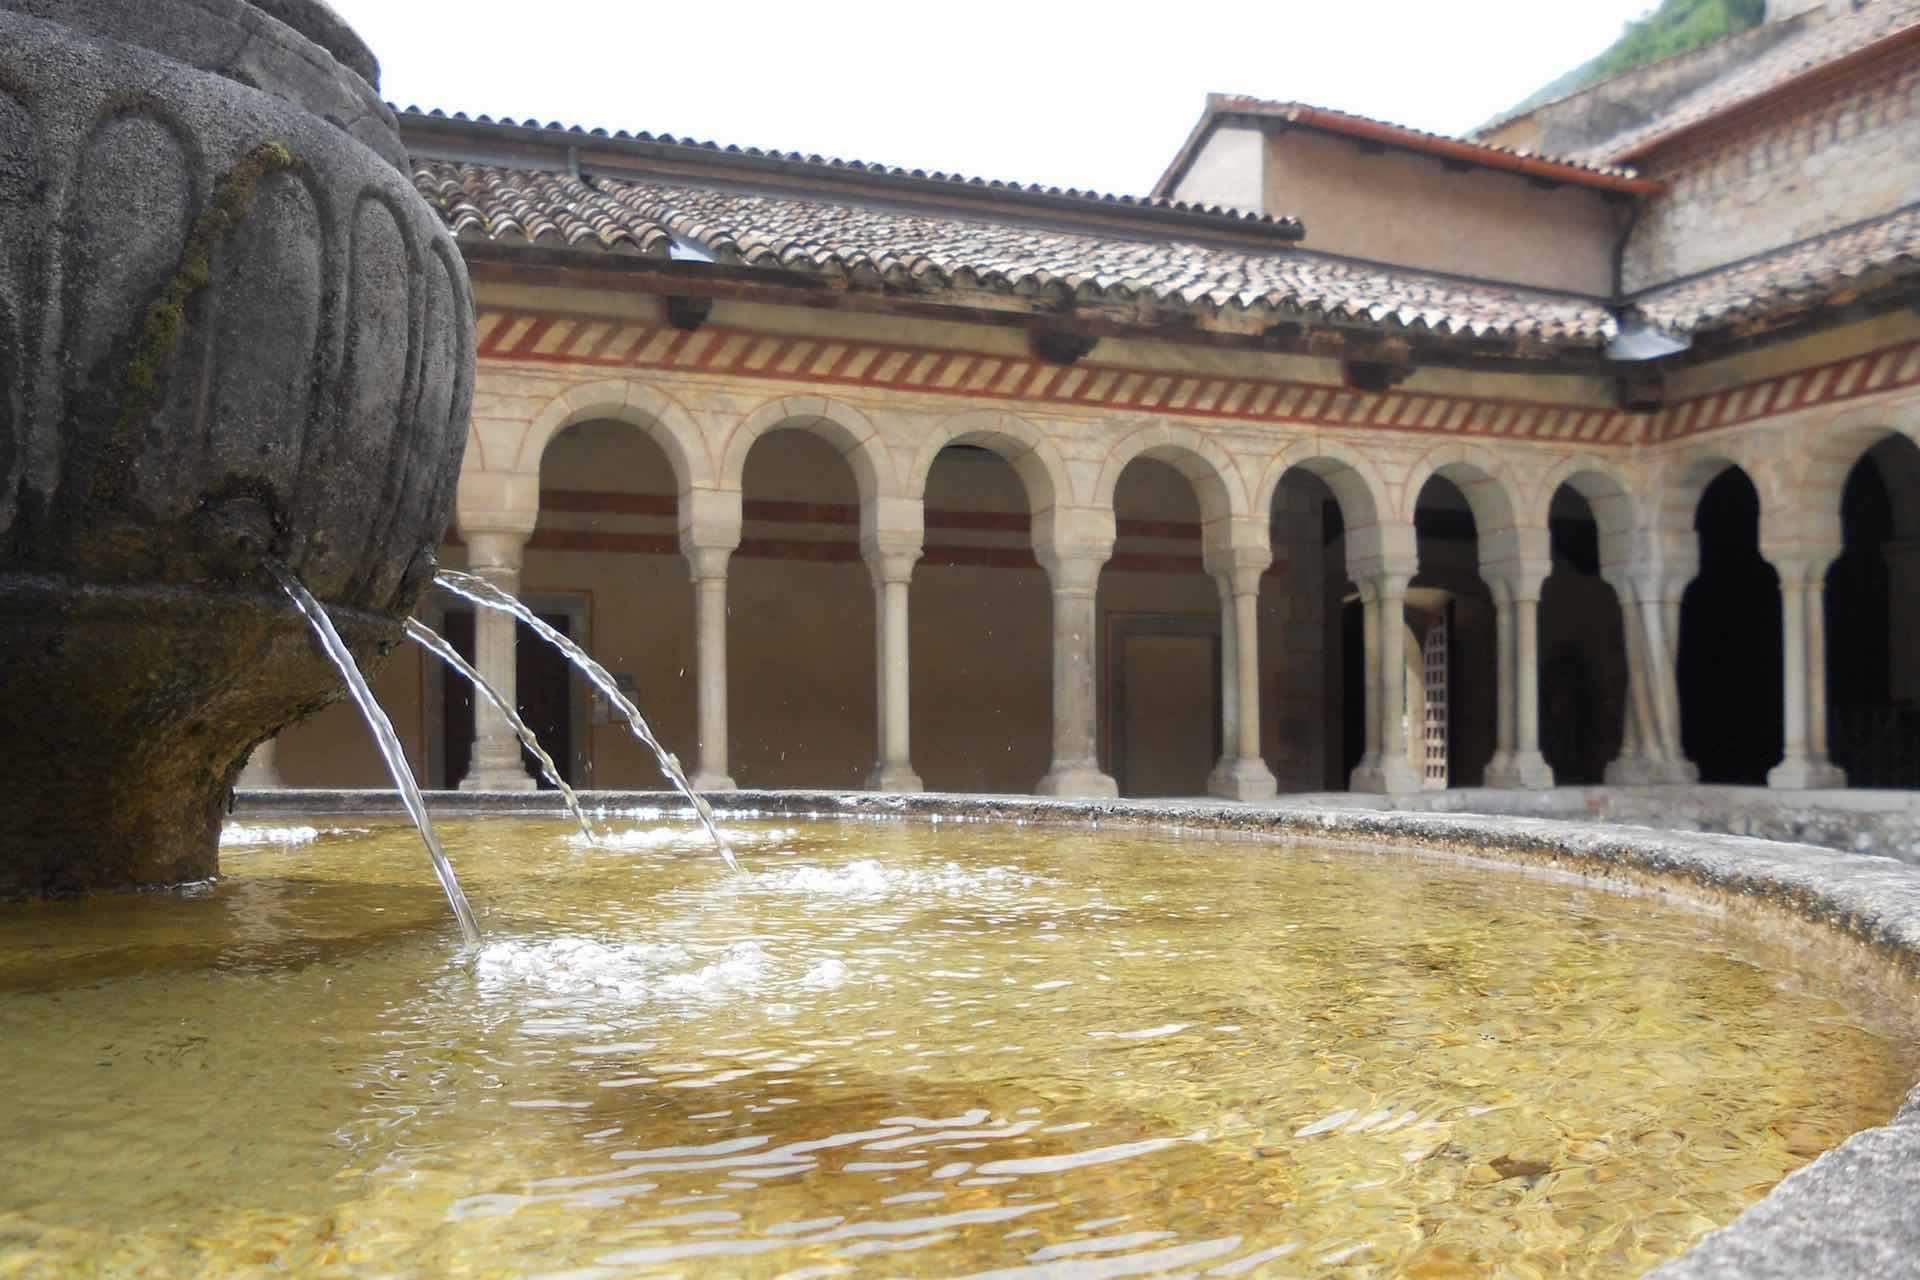 Le colline del Prosecco ospitano l'Abbazia Cistercense di Santa Maria a Follina in Treviso